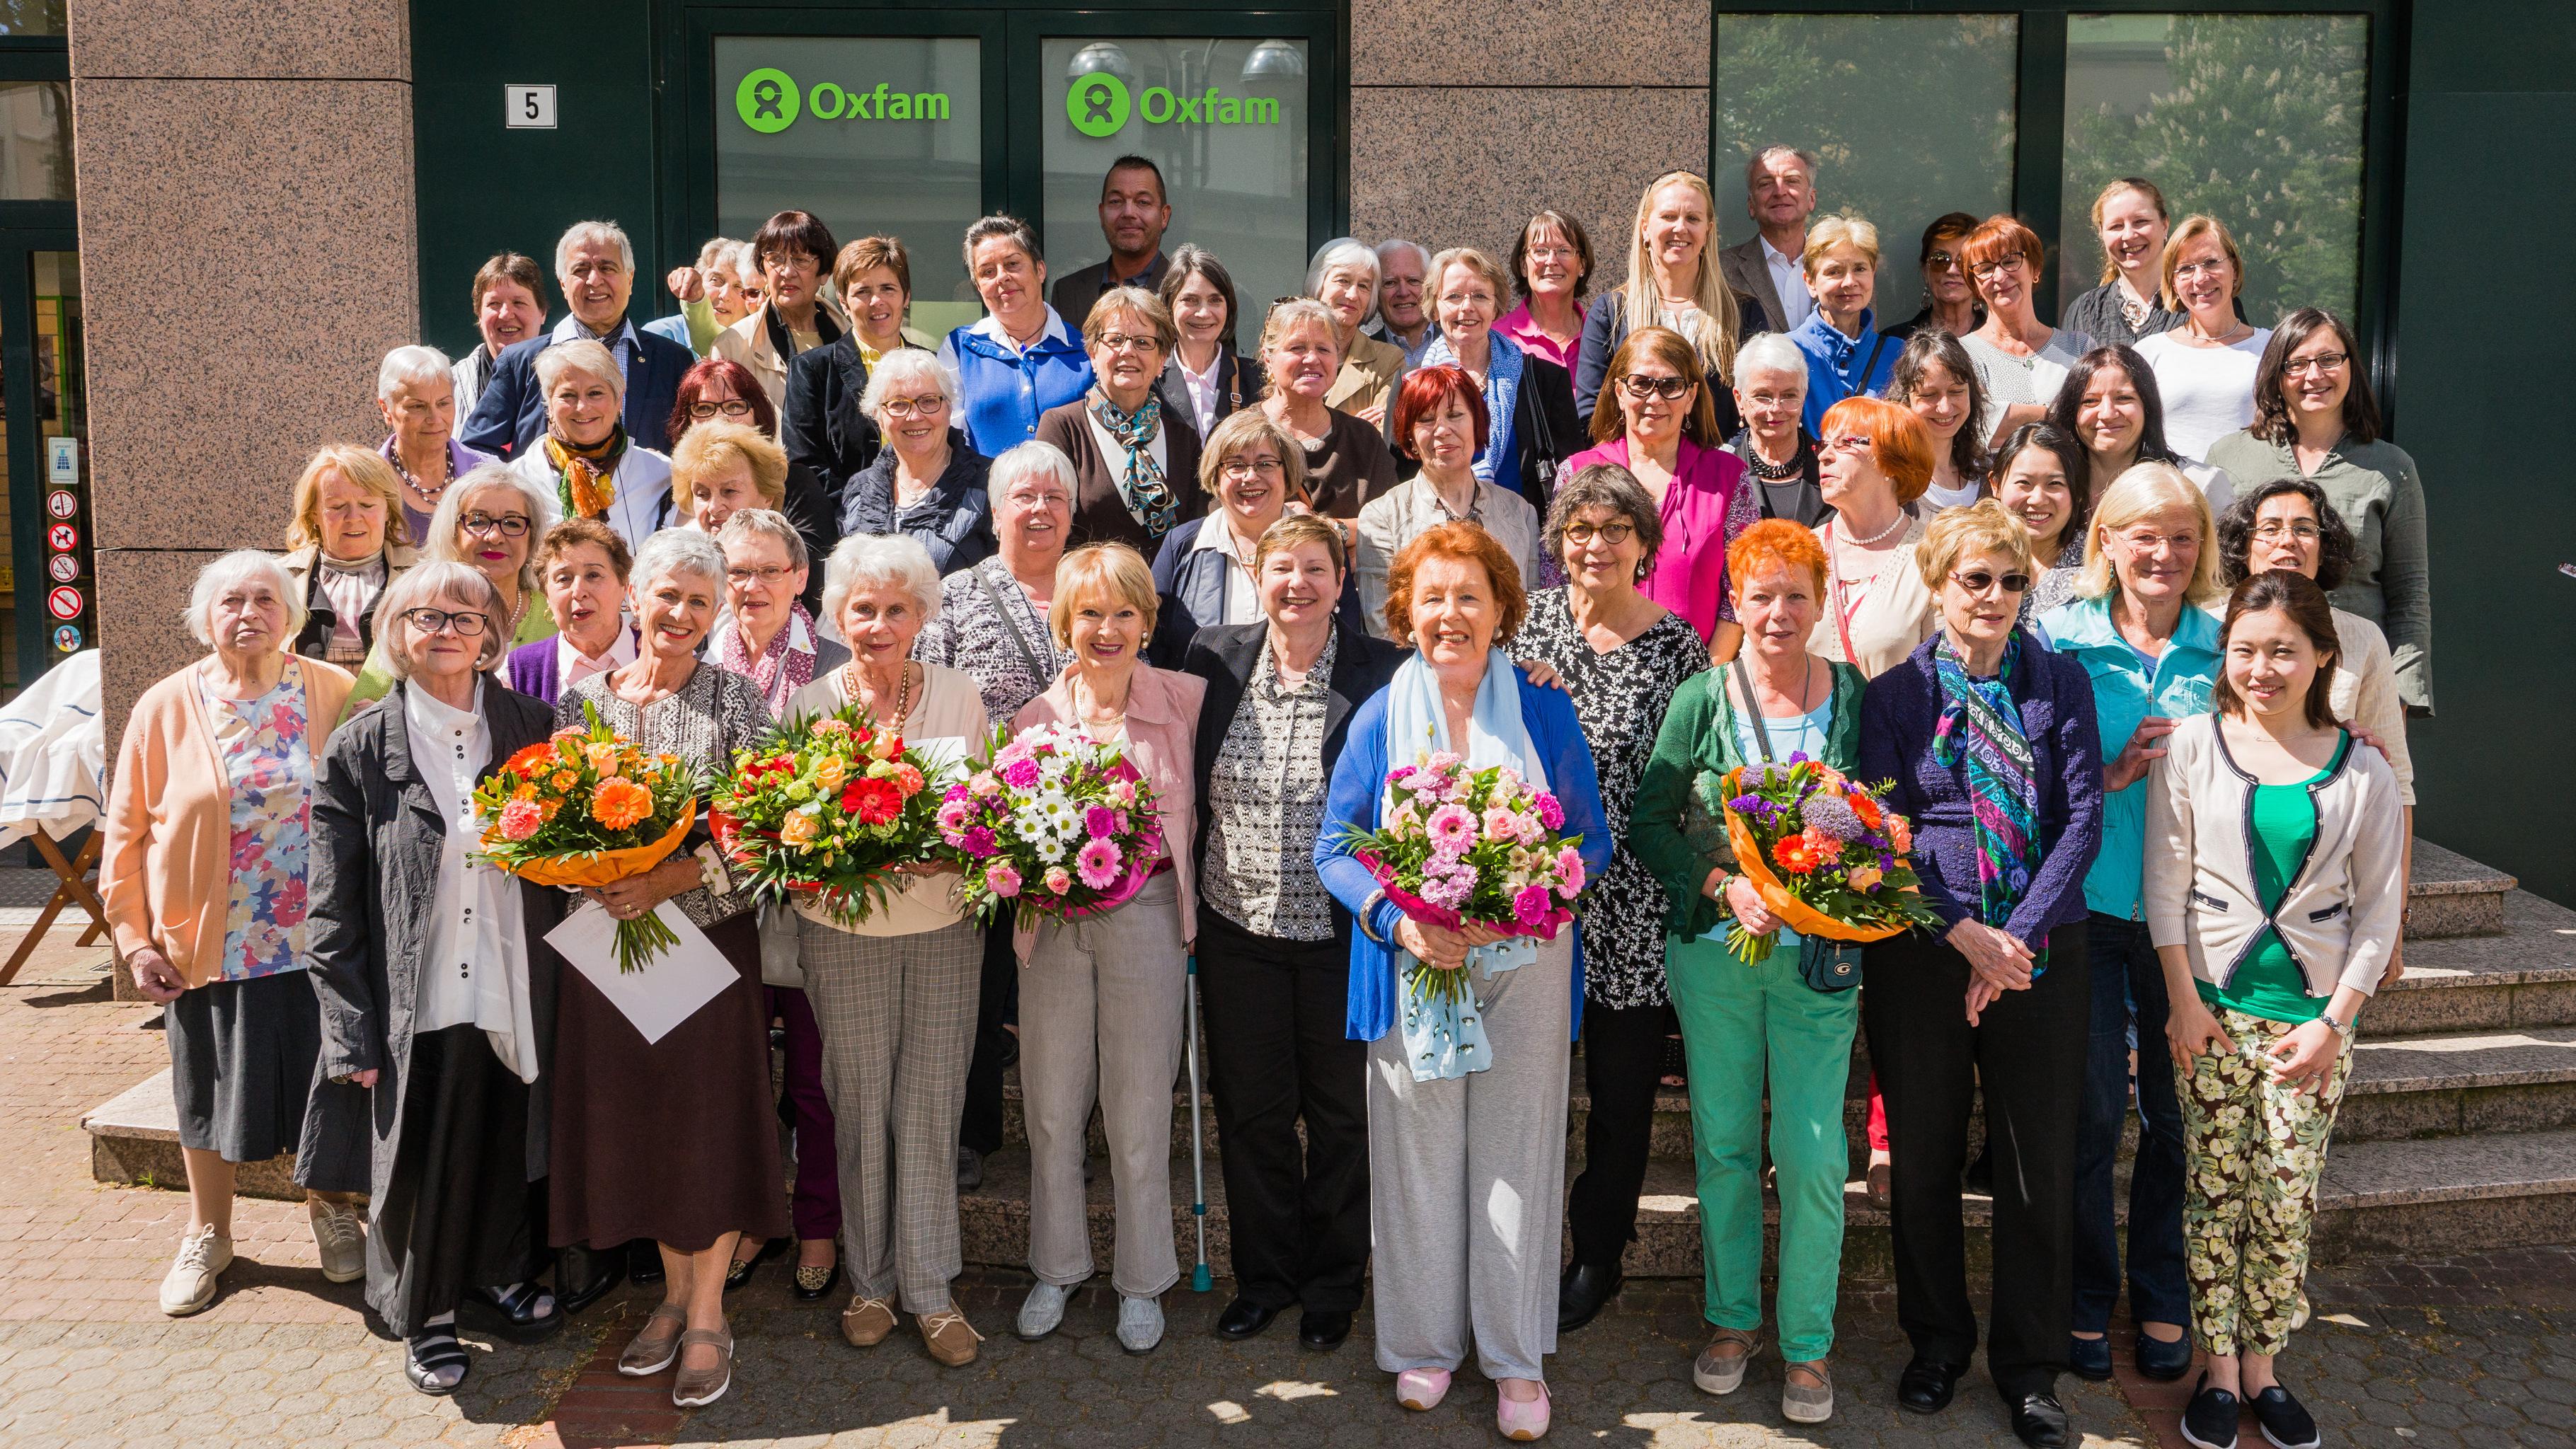 Oxfam Shop Frankfurt-Bornheim - Ehrenamtliche beim 20. Shop-Geburtstag 2015